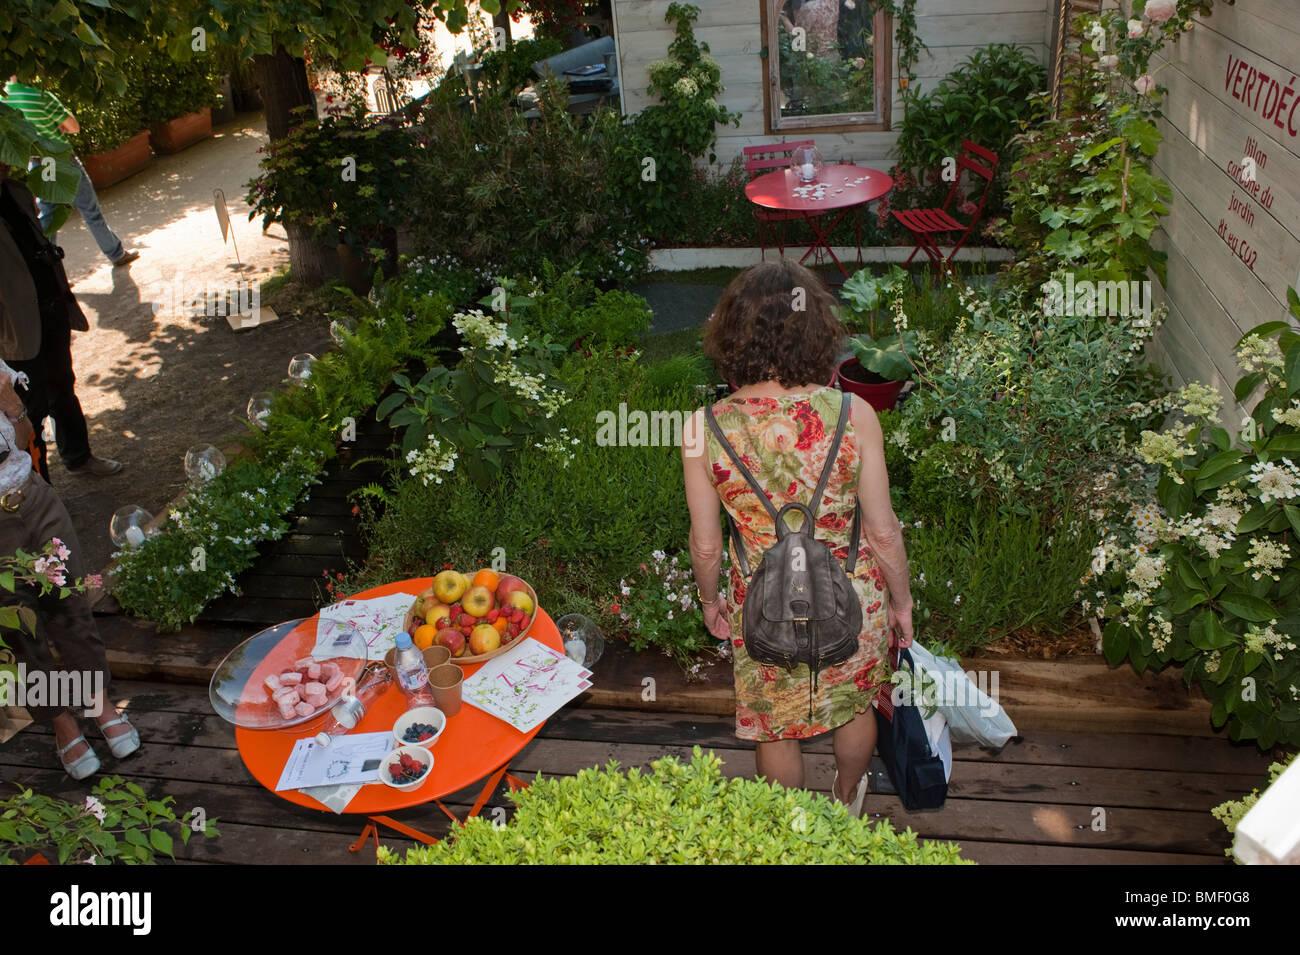 Woman in Garden, Paris, France, Garden Festival, \